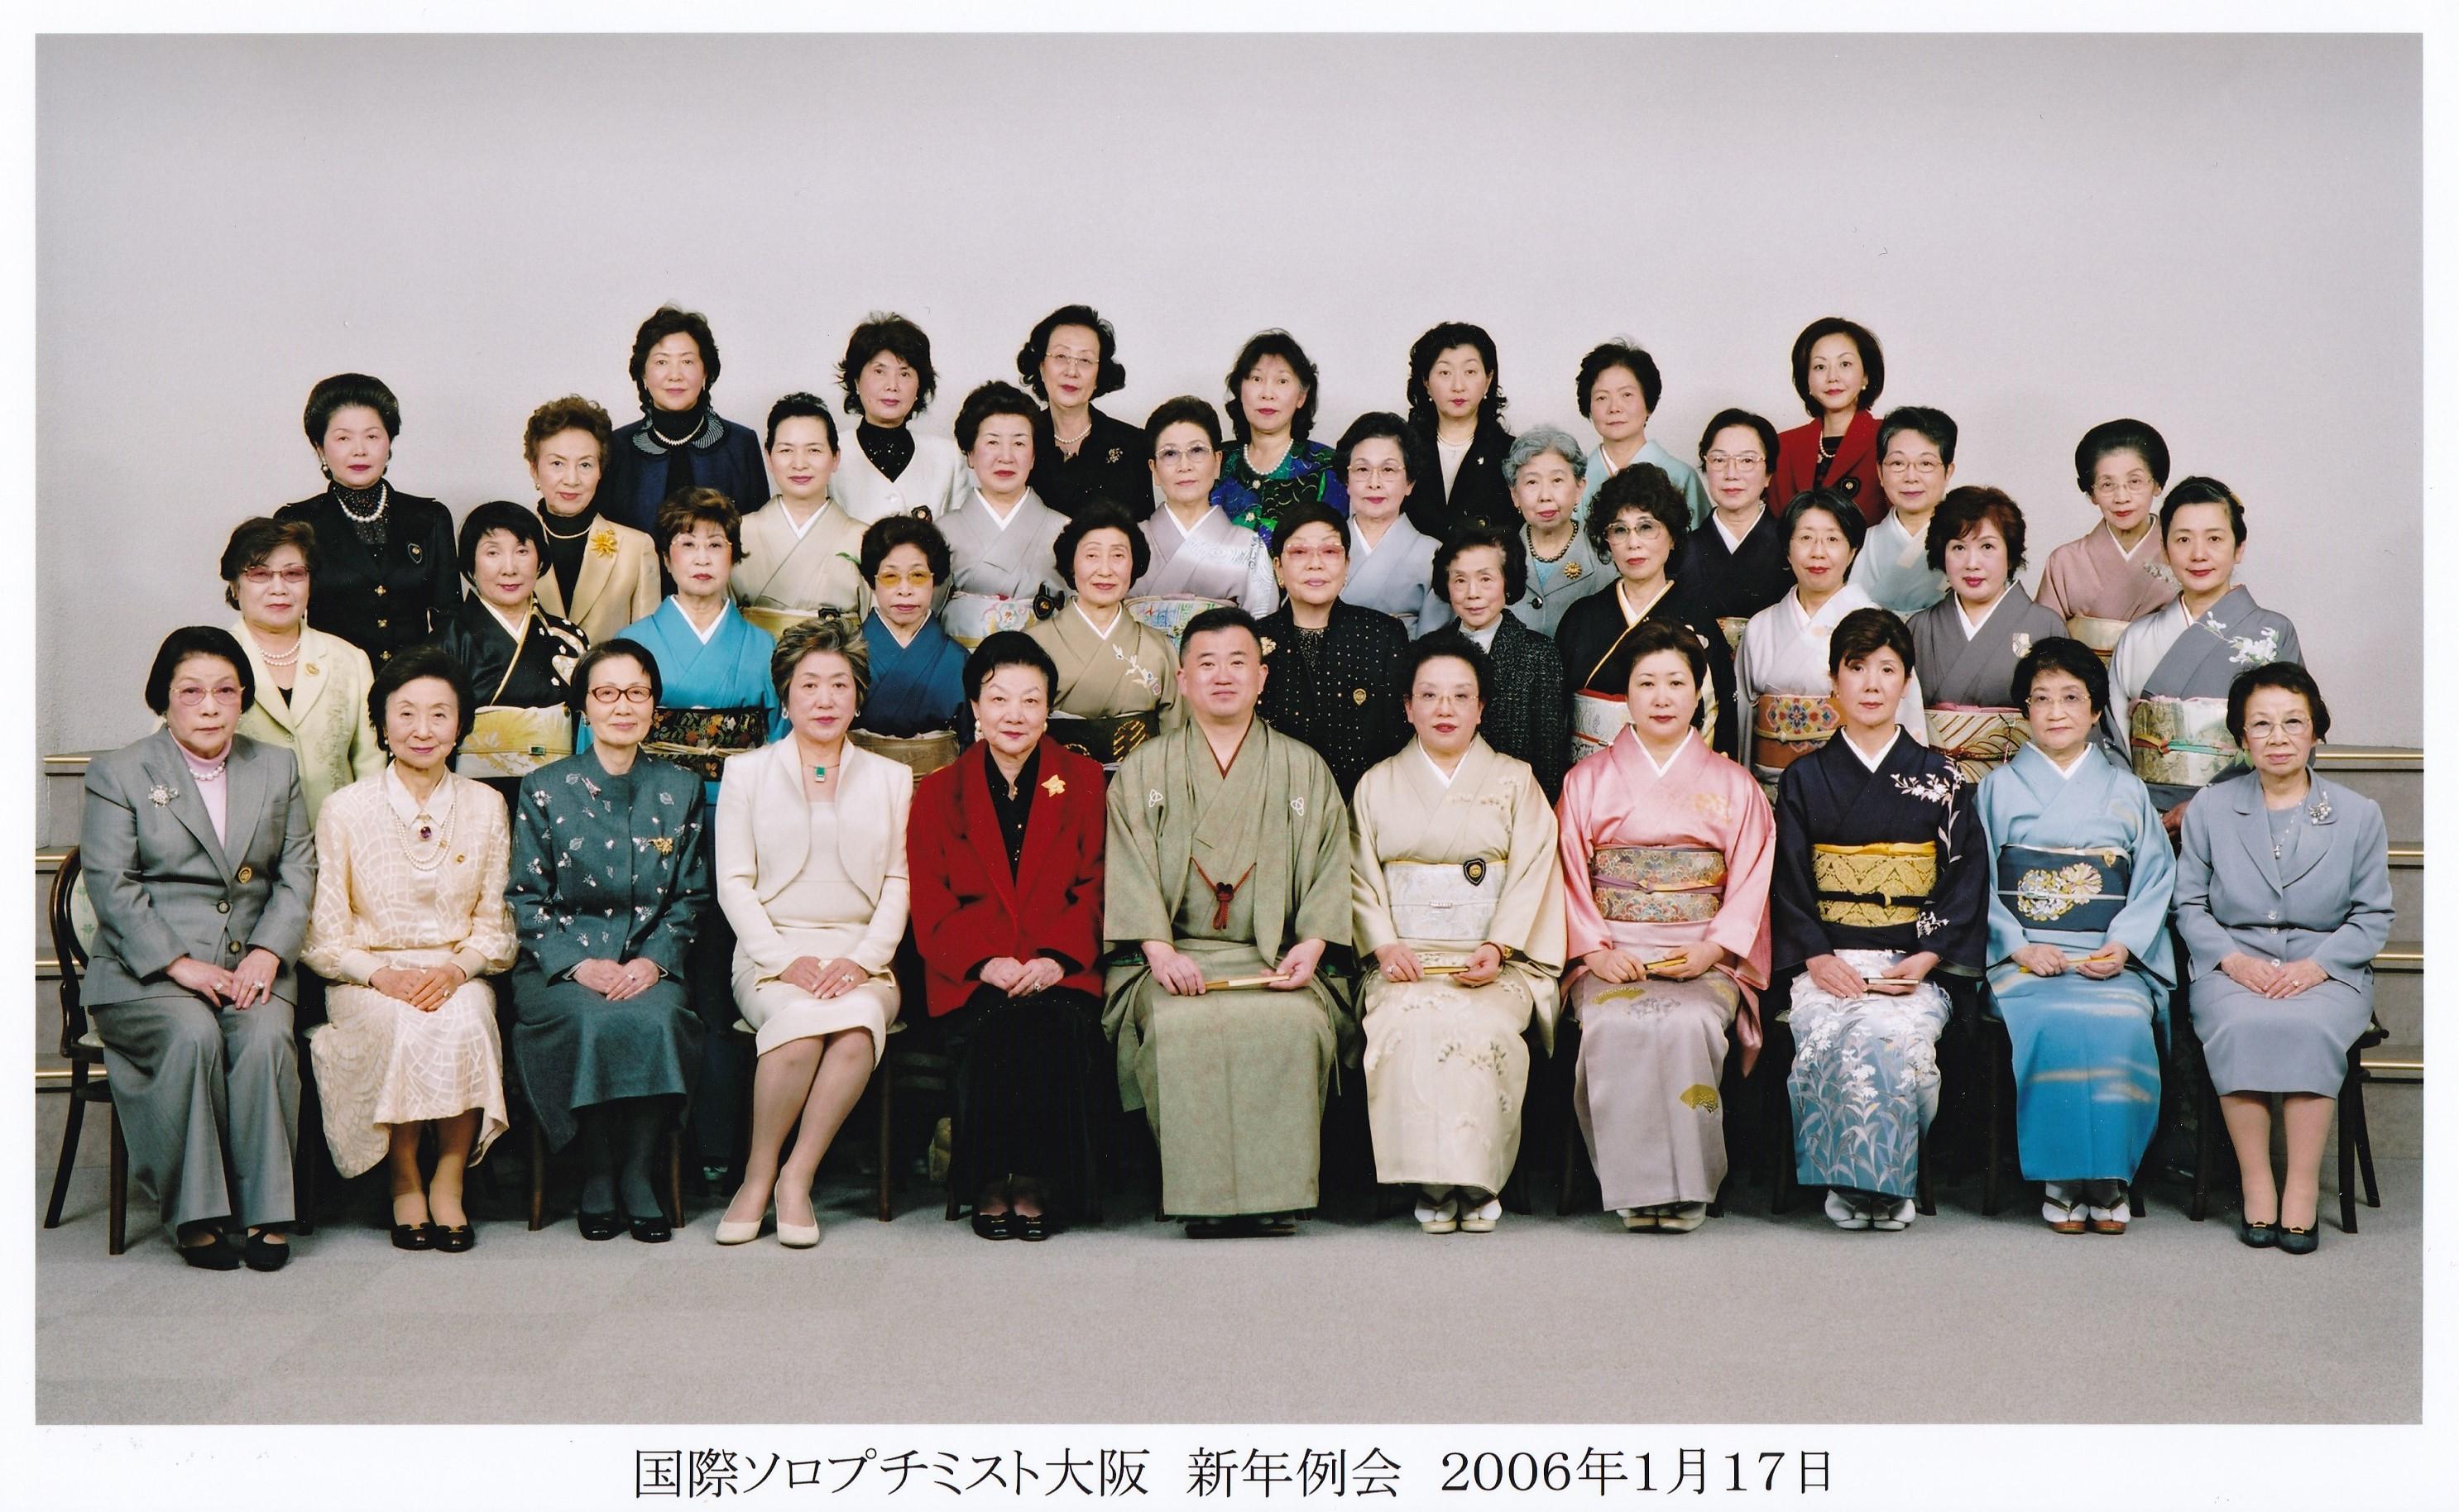 2005年度麻生会長